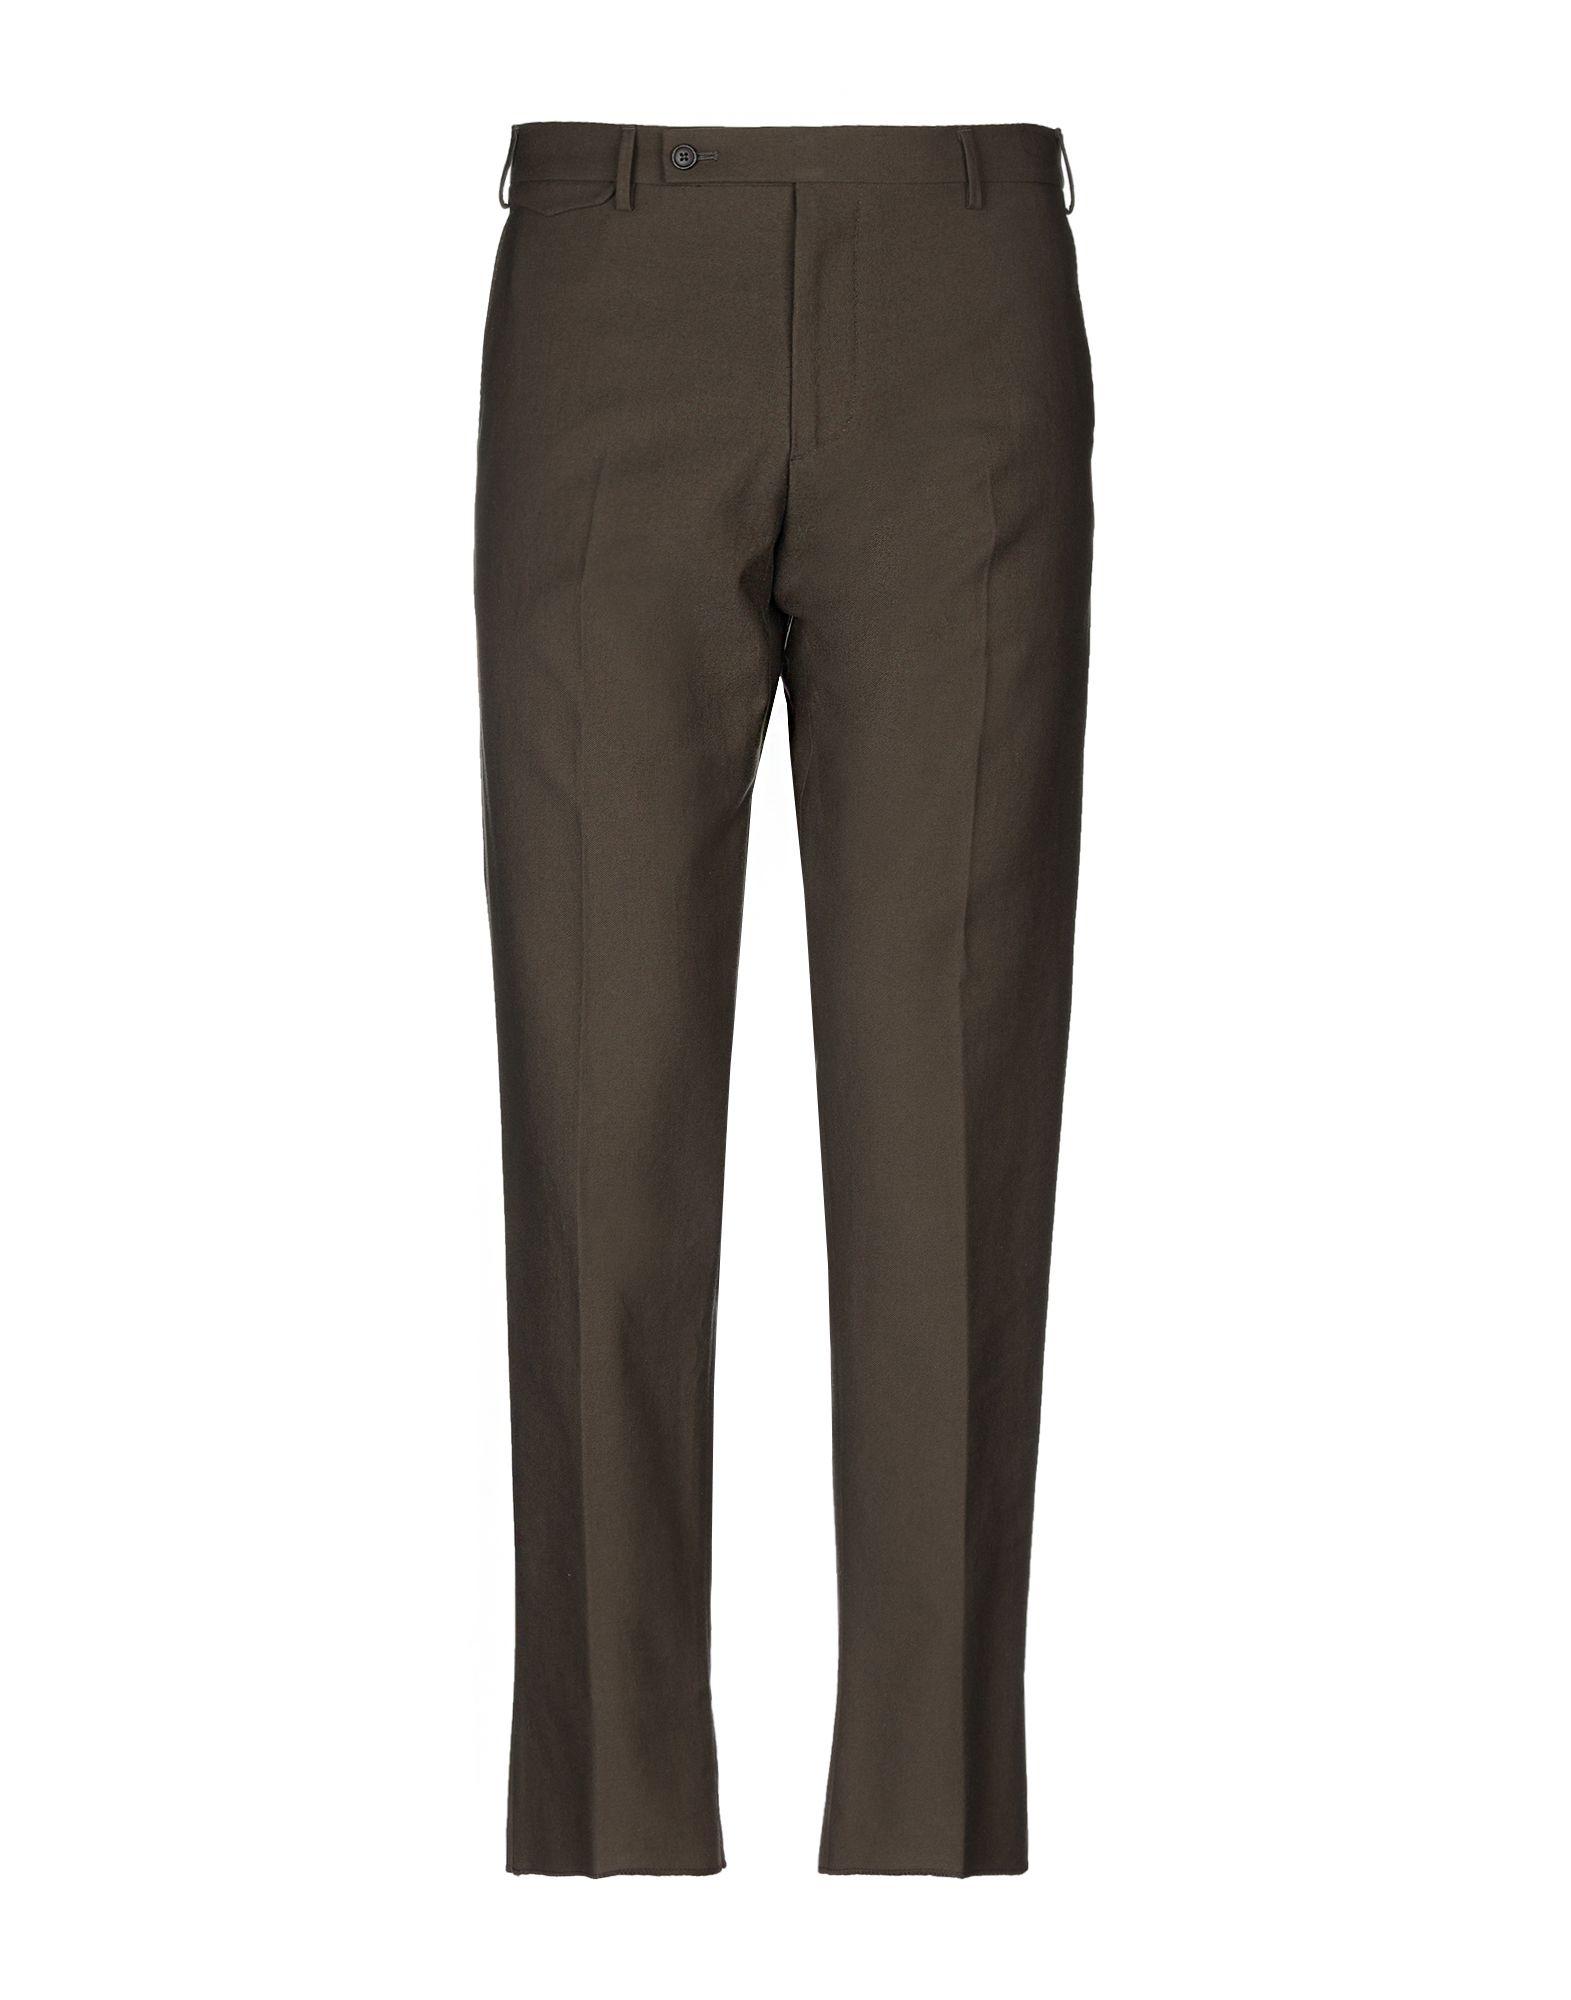 《送料無料》BERWICH メンズ パンツ ミリタリーグリーン 52 コットン 100%